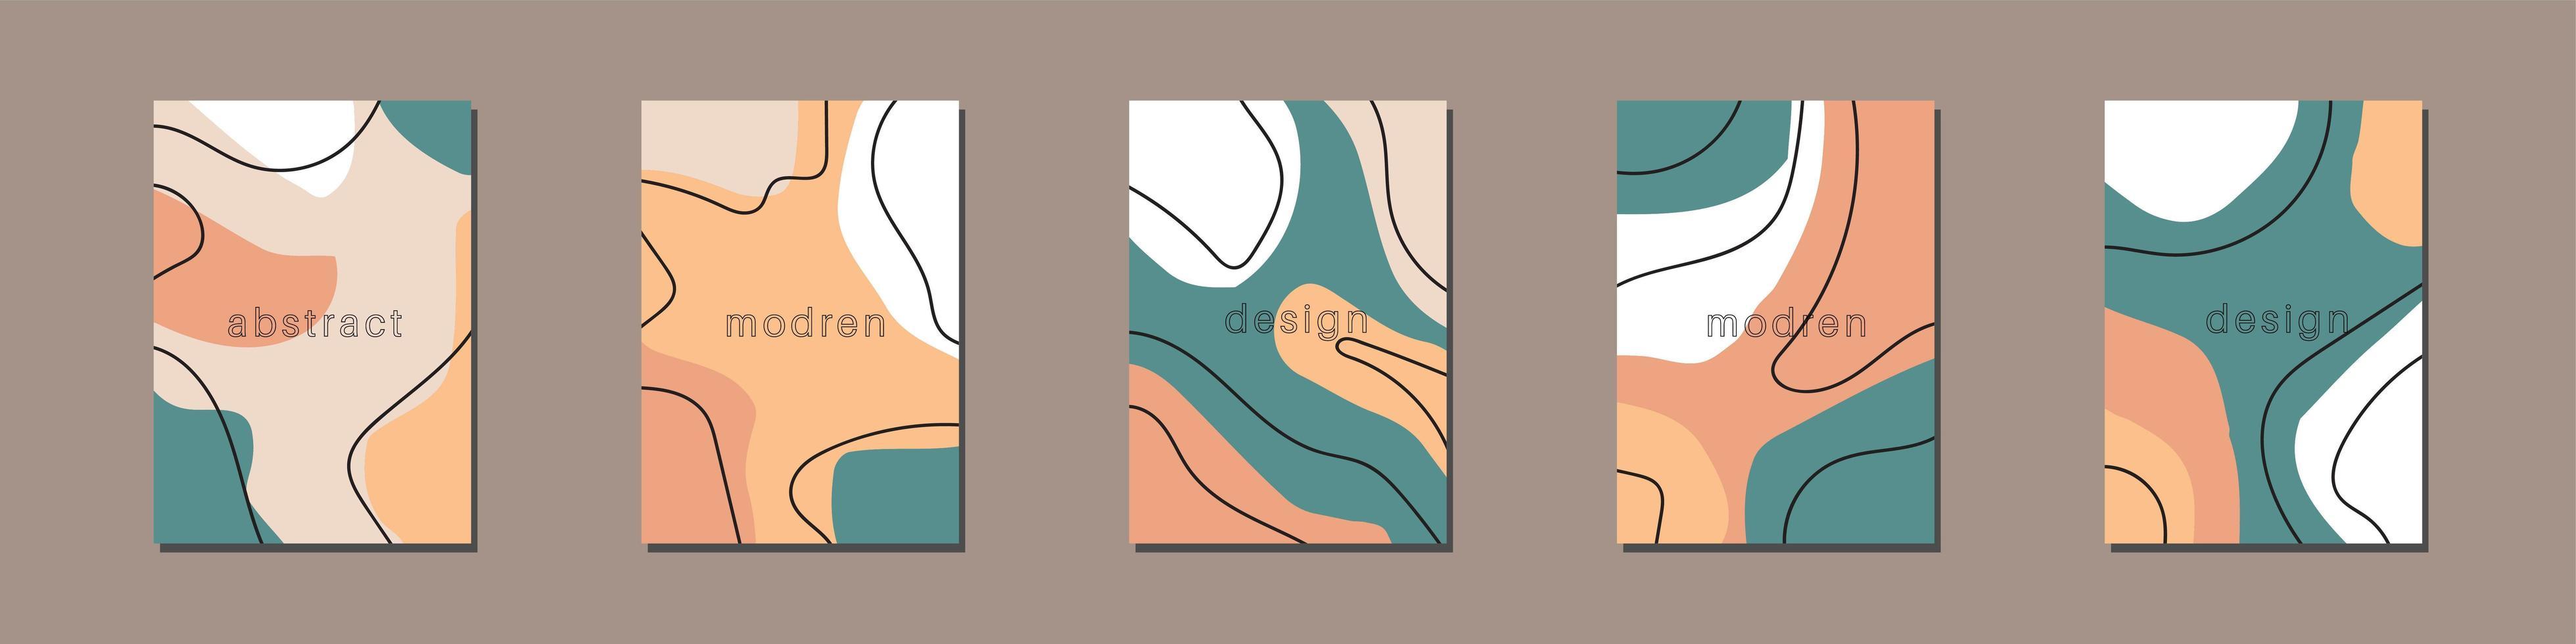 samling av kreativa berättelsemallar med kopieringsutrymme för text. modern vektorlayout med handritade organiska former och texturer. trendig design för sociala medier marknadsföring digitala banner utskrift. vektor